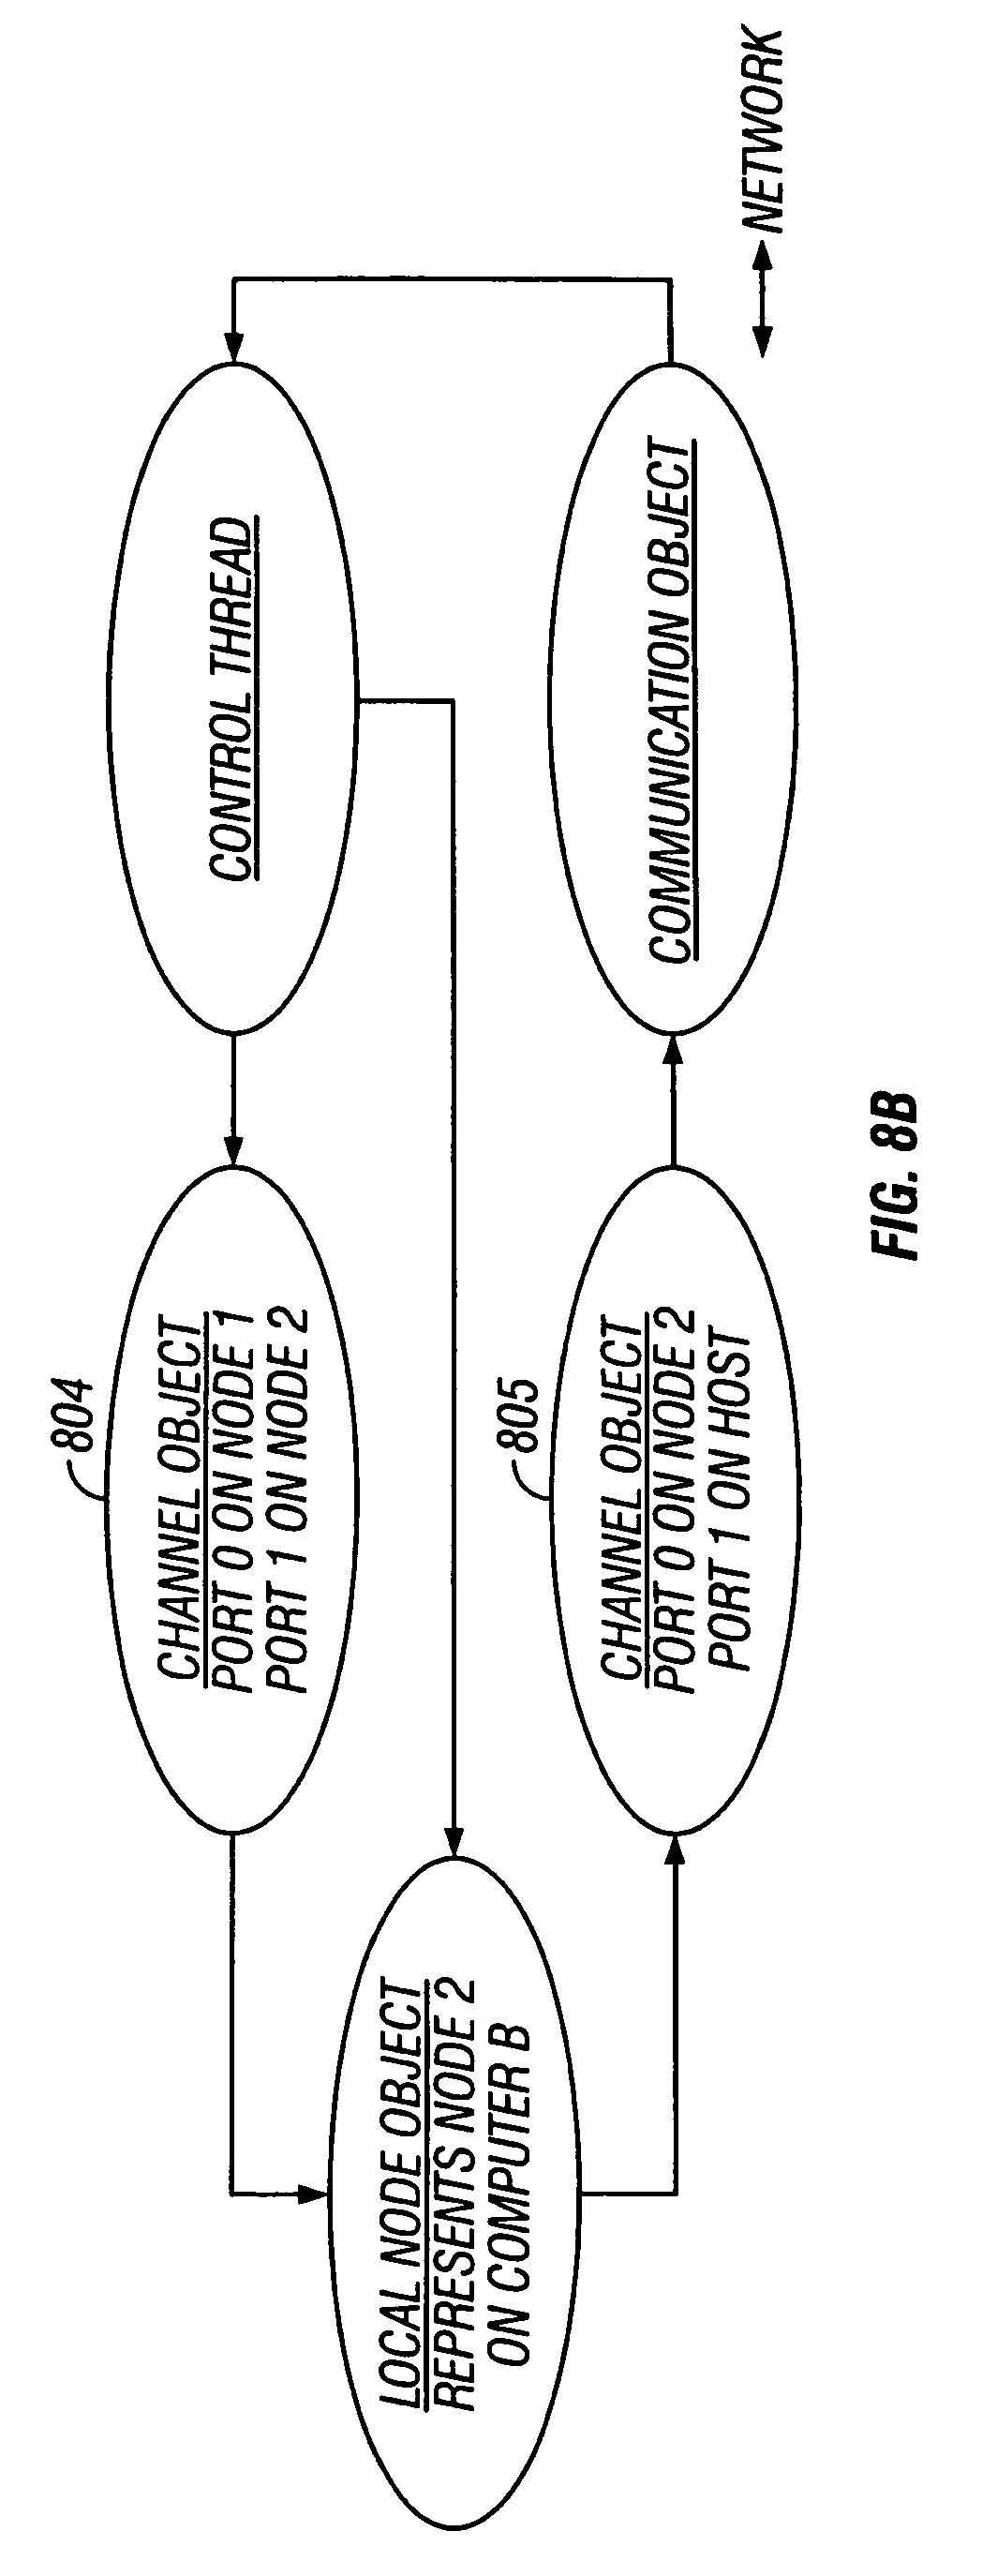 patent us7404170